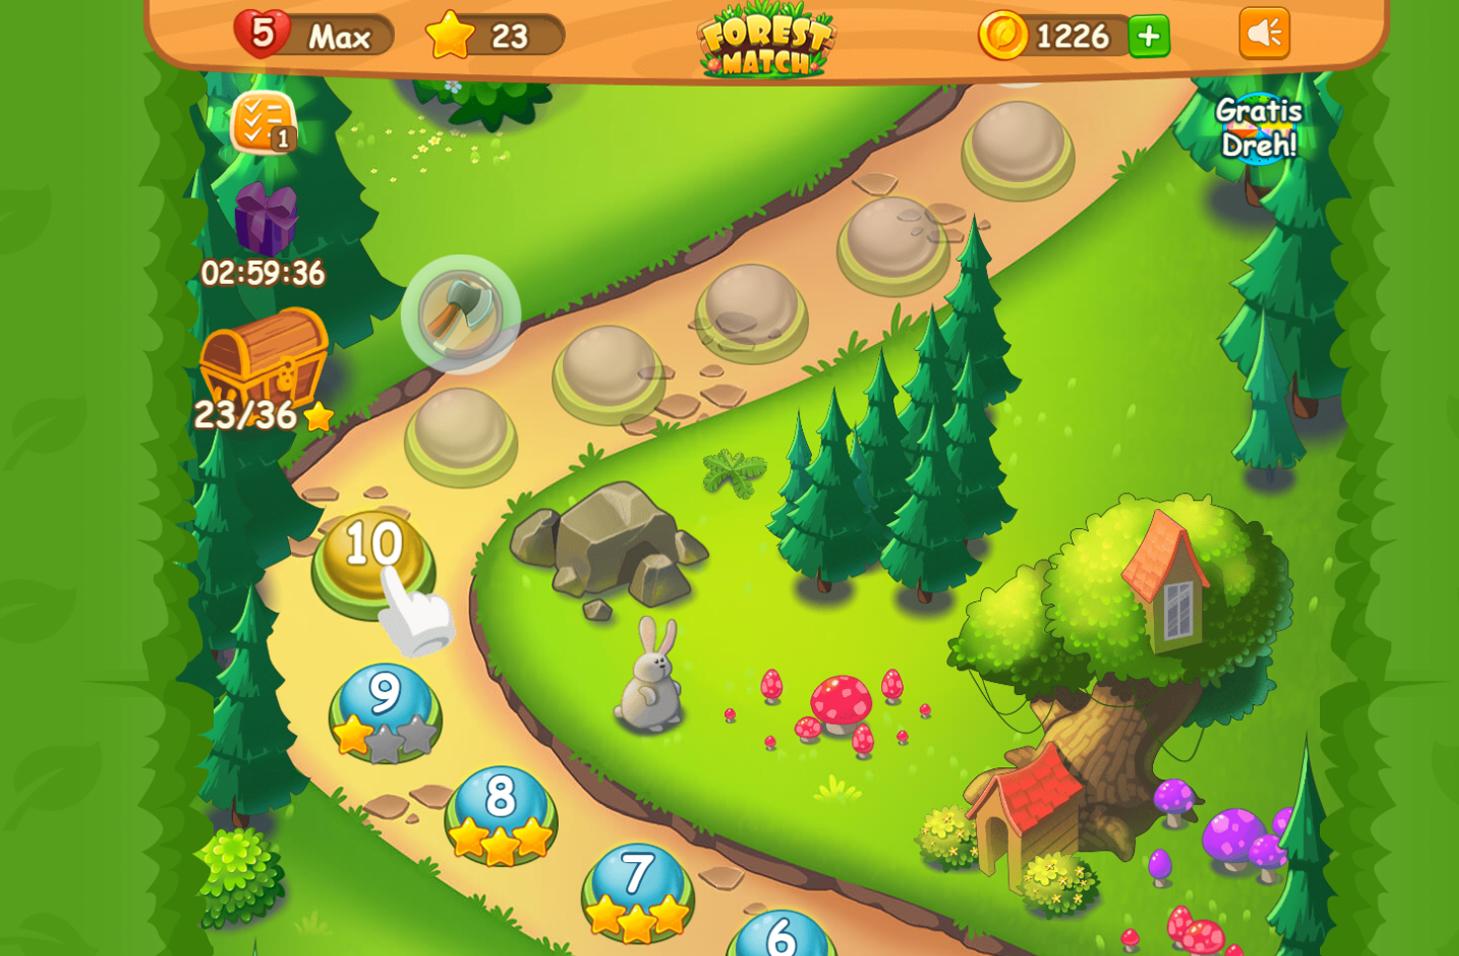 Fein Spiele Kostenlose Online Malspiele Fotos - Druckbare ...